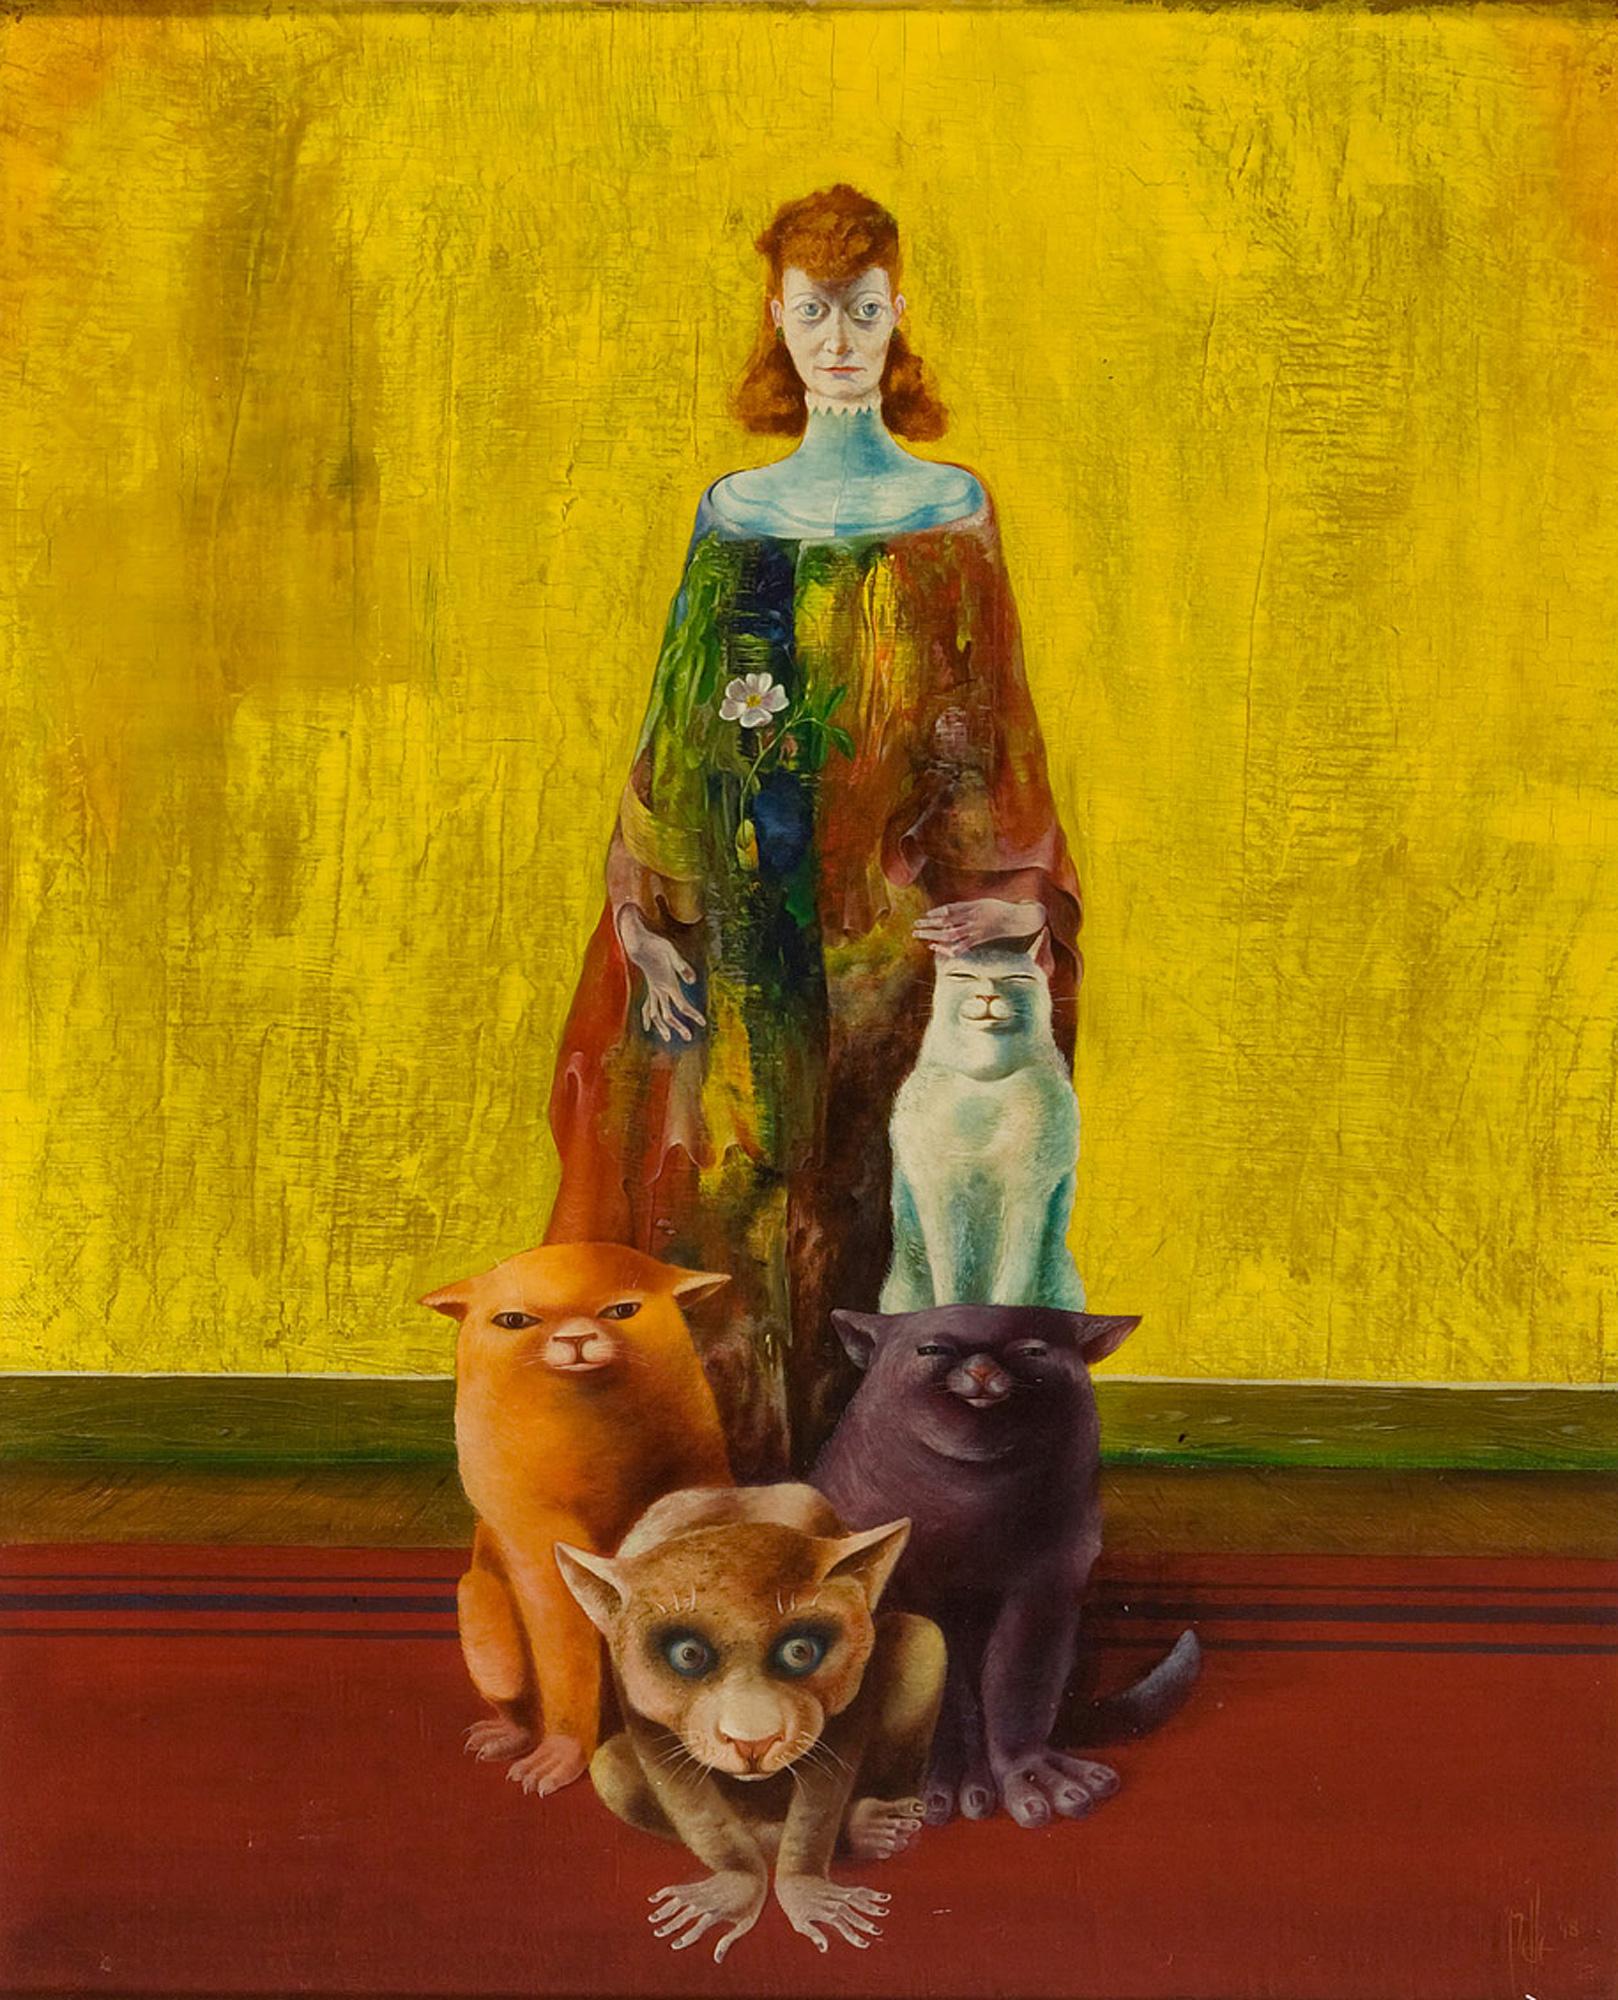 Melle schilder | Portret Marth, olieverf op linnen